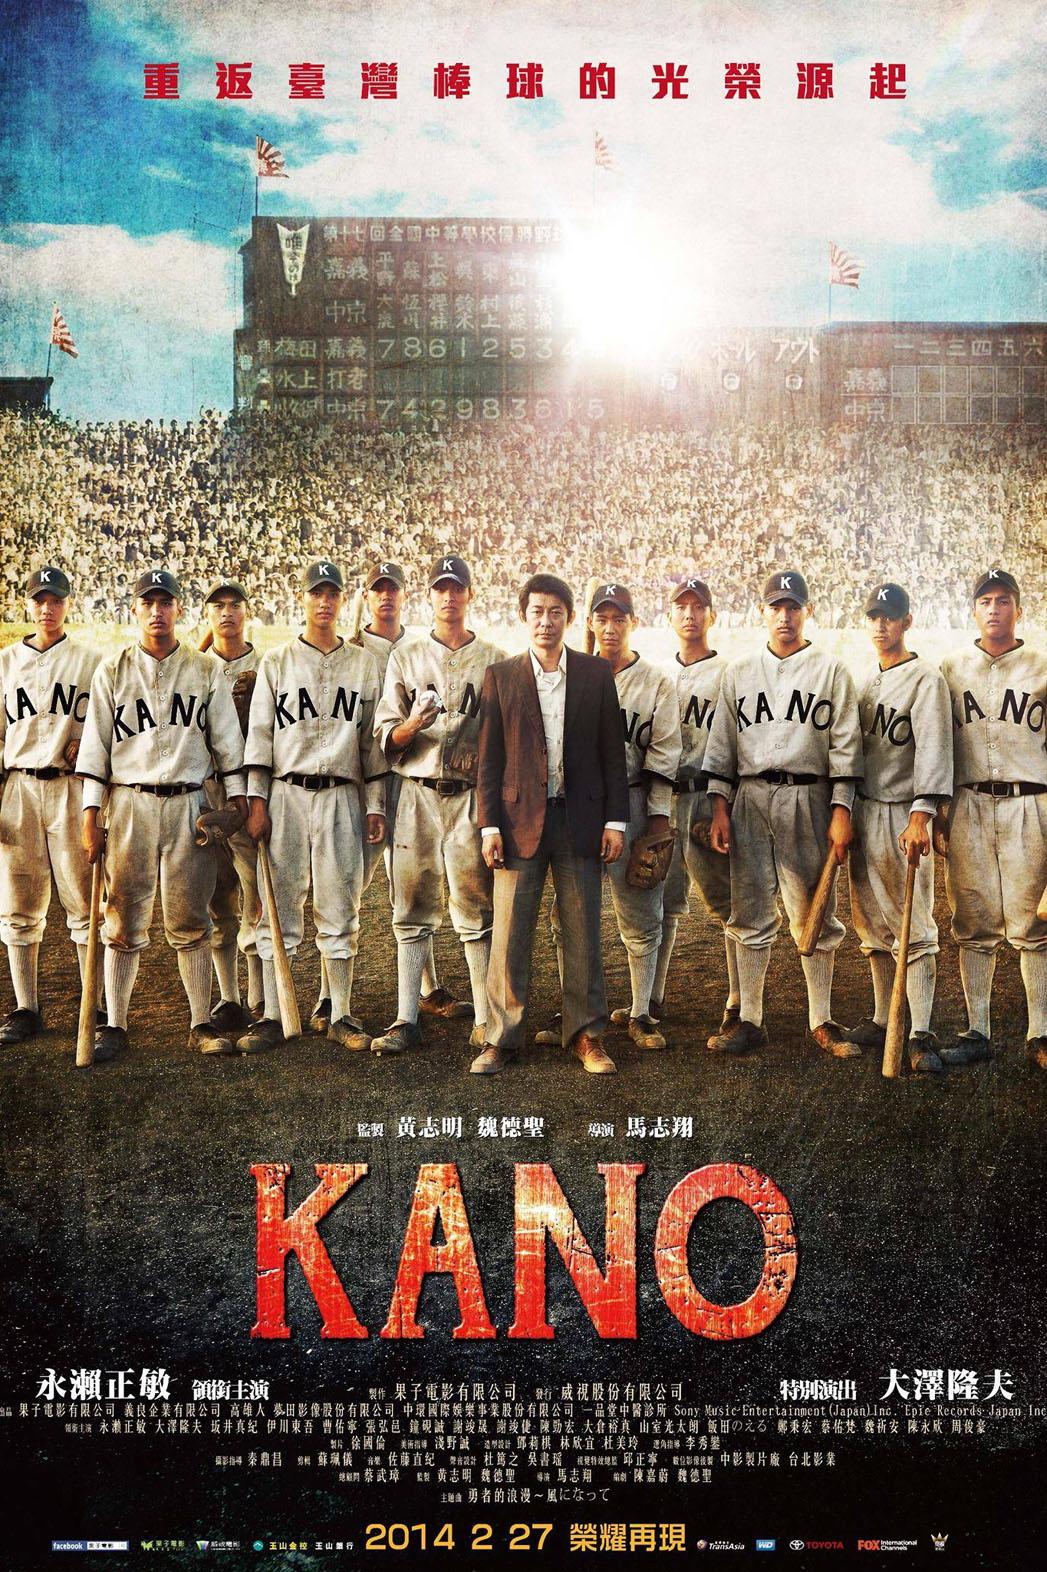 Kano Poster - P 2014